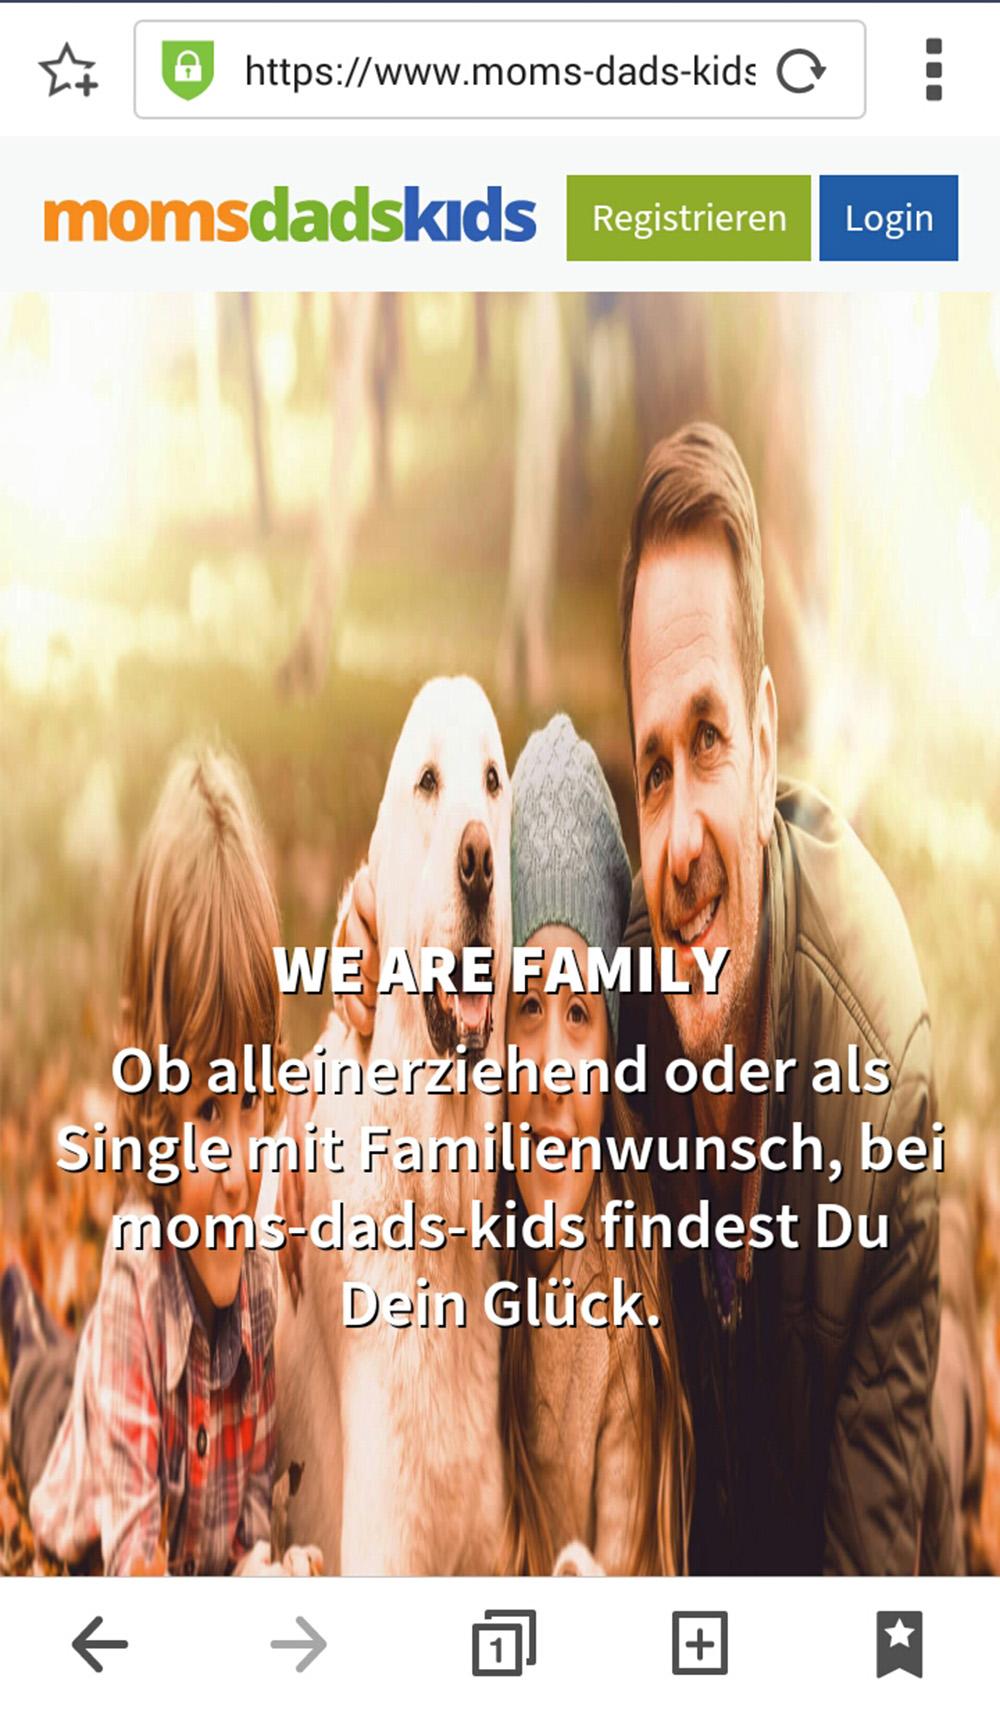 Sie sucht Ihn Oberammergau | Frau sucht Mann - huggology.com